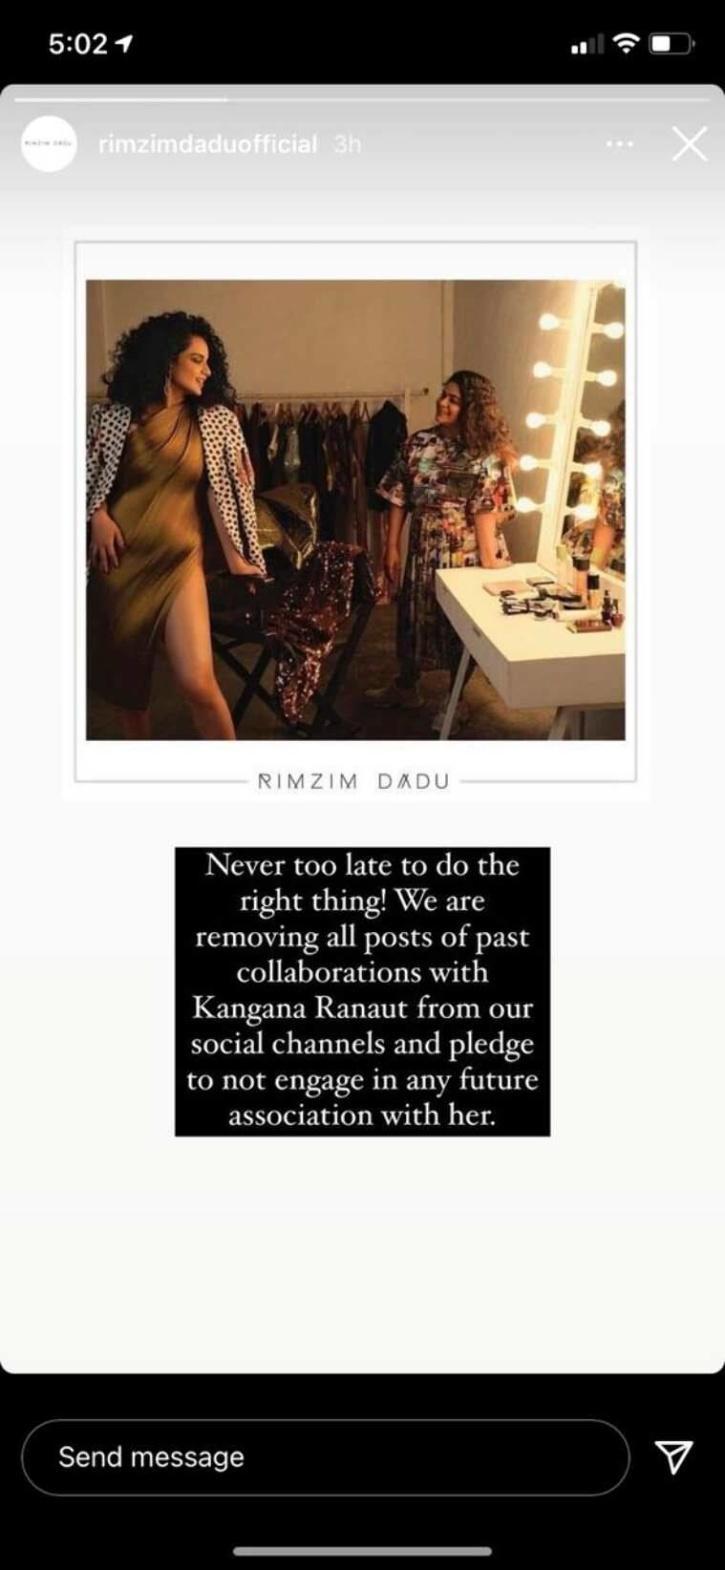 Rimzim Dadu / Instagram Story